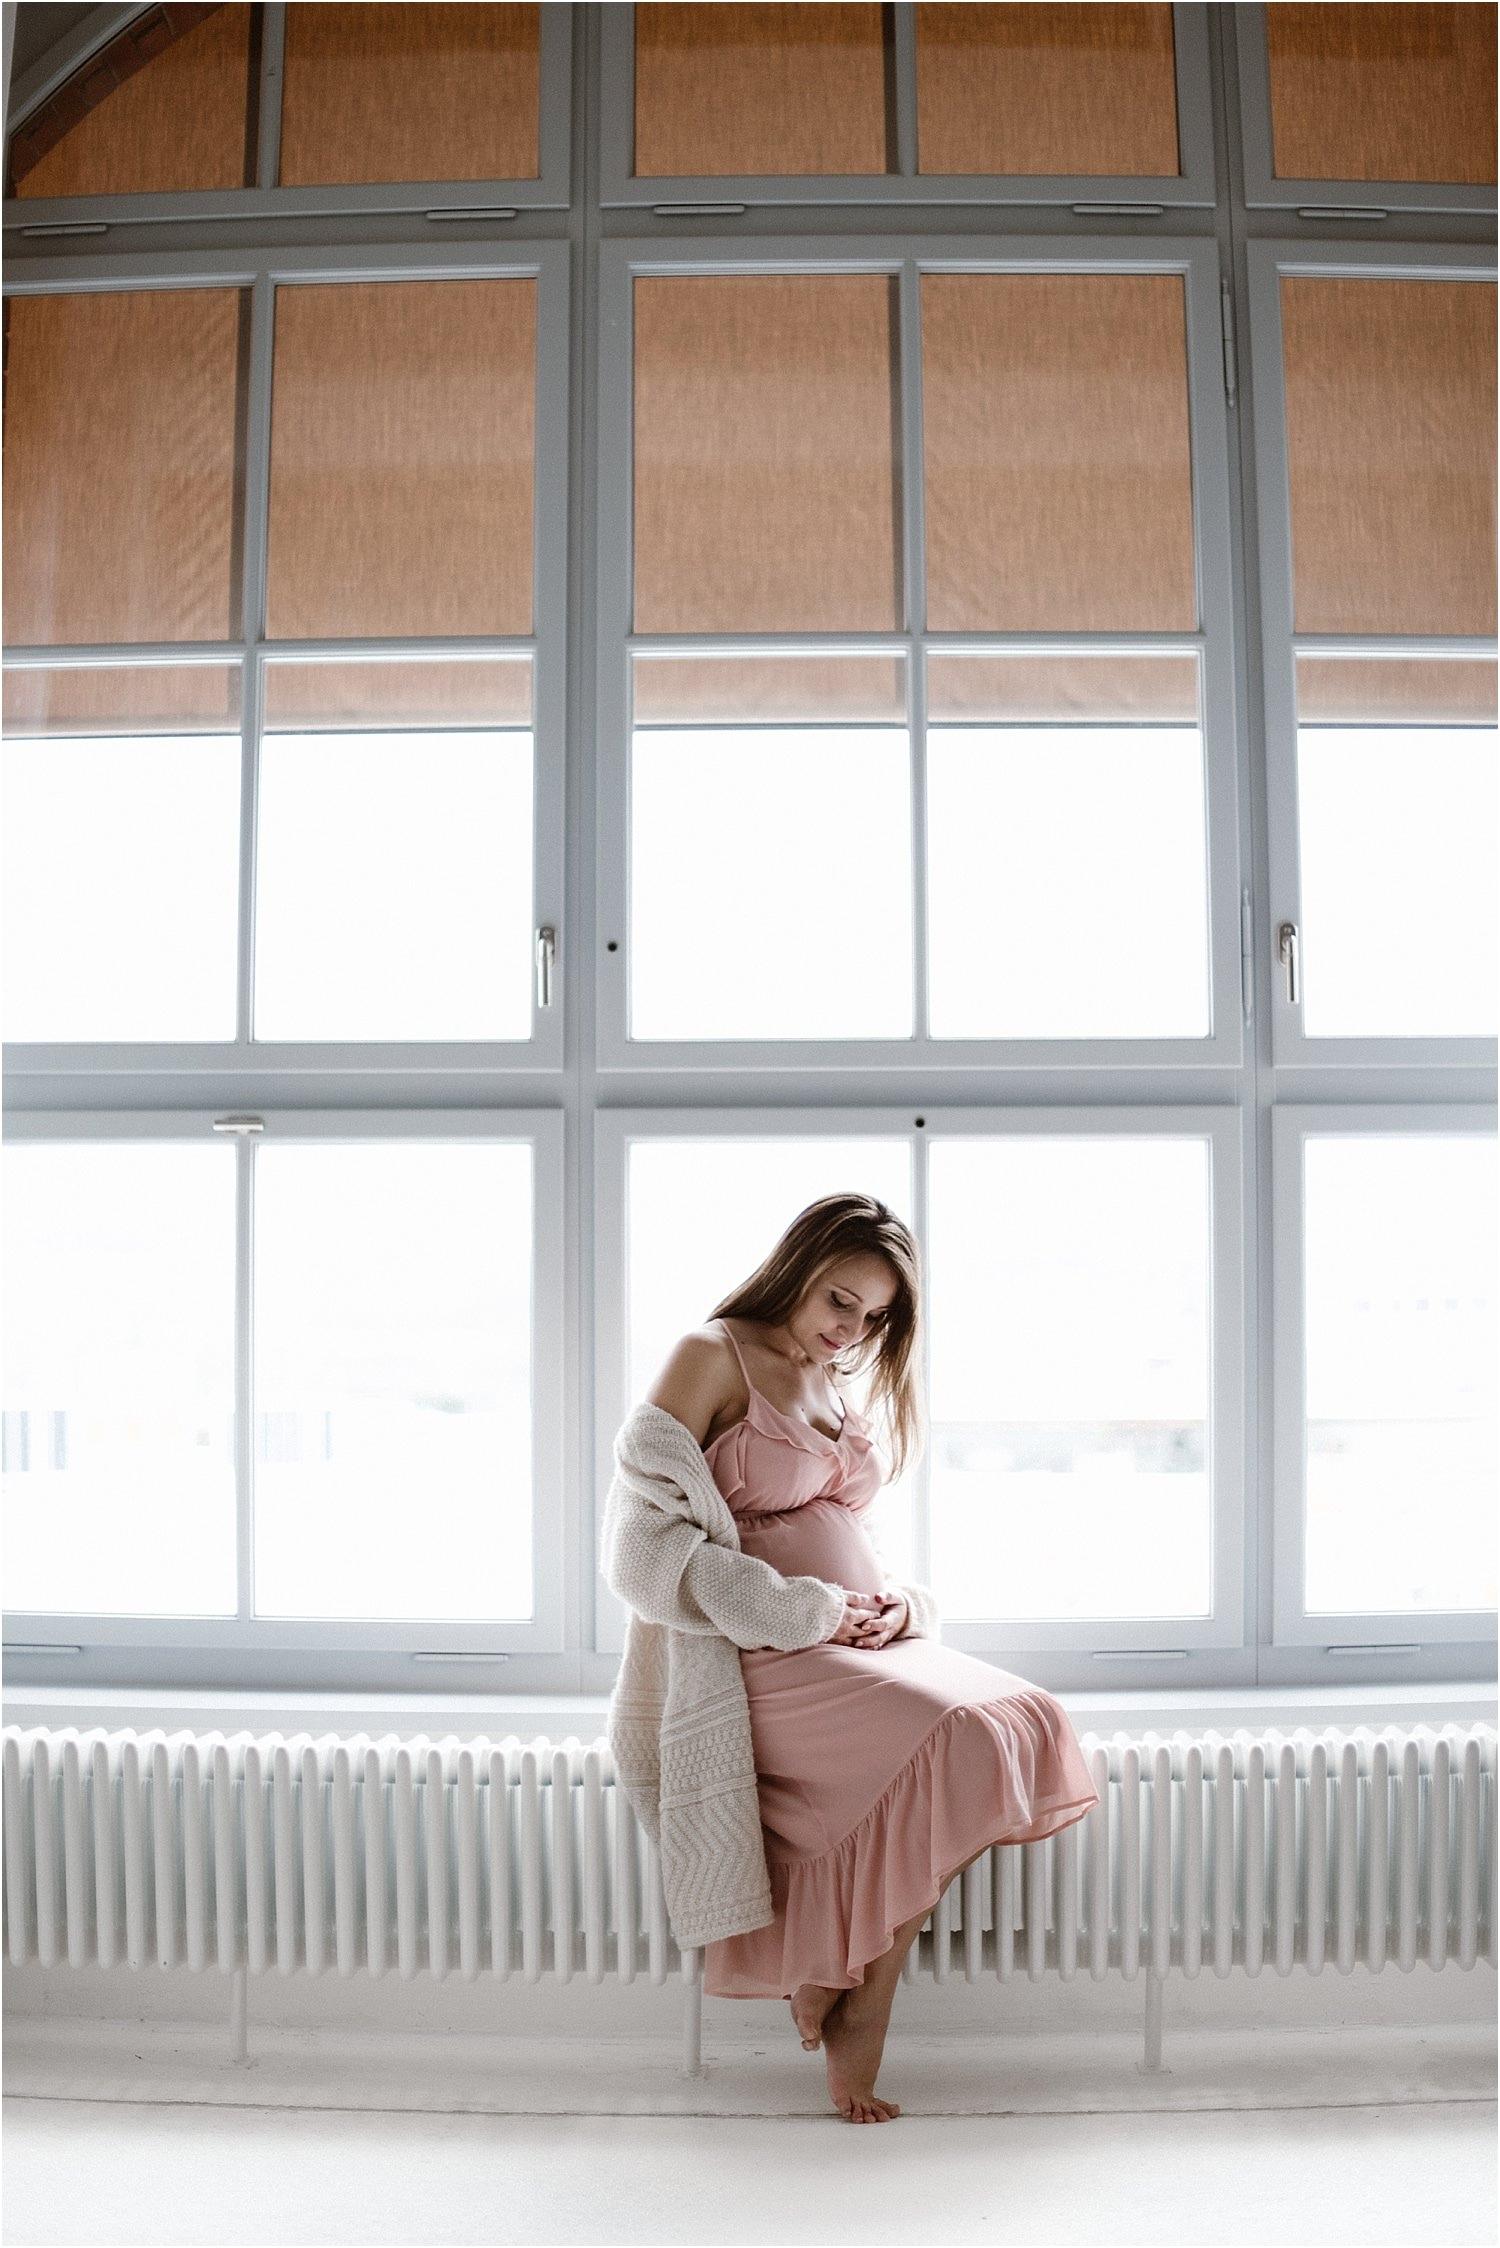 natürliche Schwangerschaftsbilder, natürliche Schwangerschaftsfotos, sinnliche Babybauchbilder, sinnliche Schwangerschaftsbilder, Babybauch, Maternity, Schwangerschaft, Schwanger